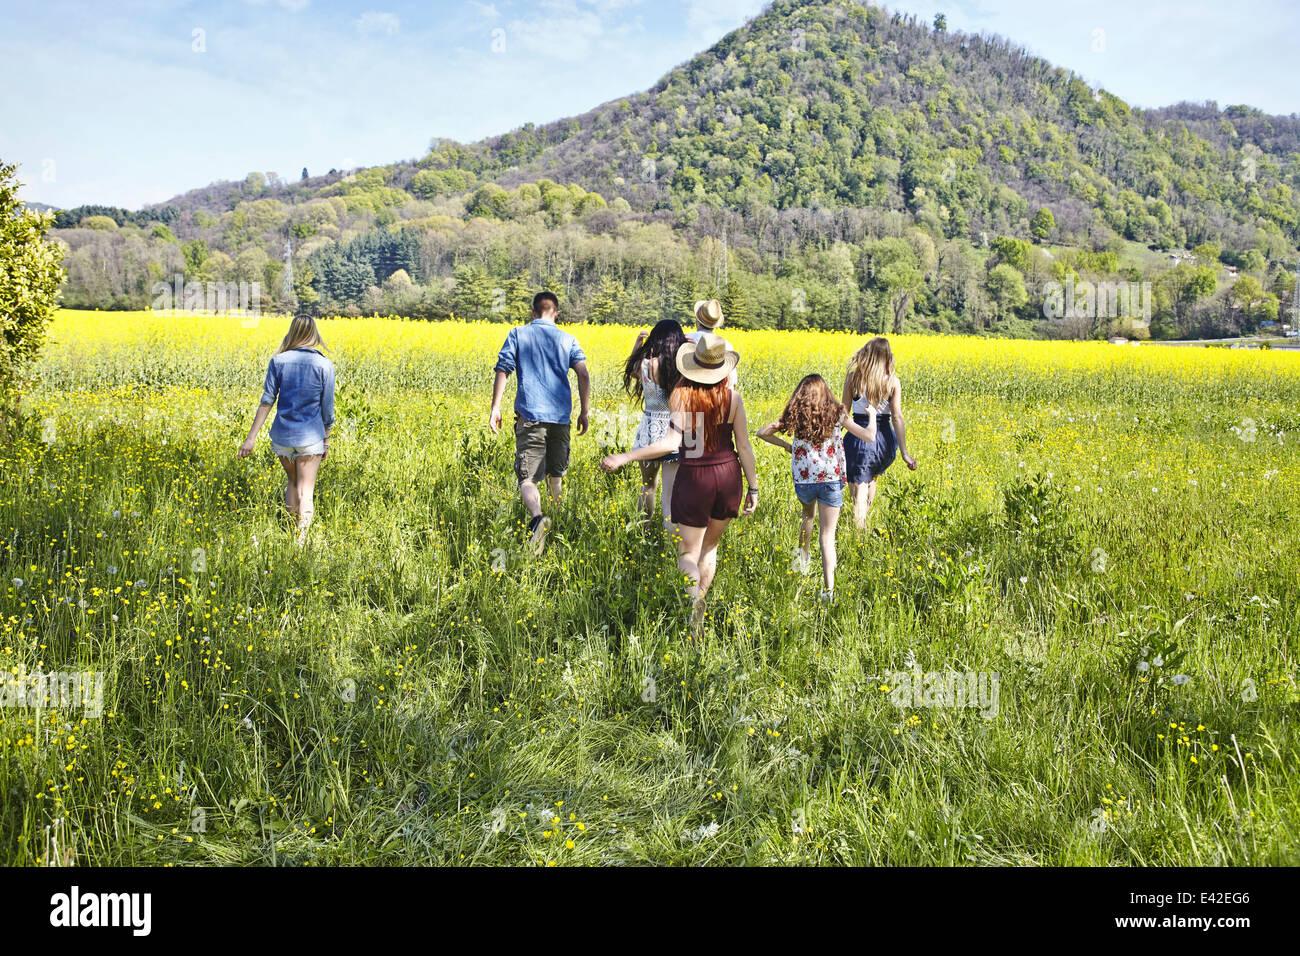 Group of friends walking in field - Stock Image